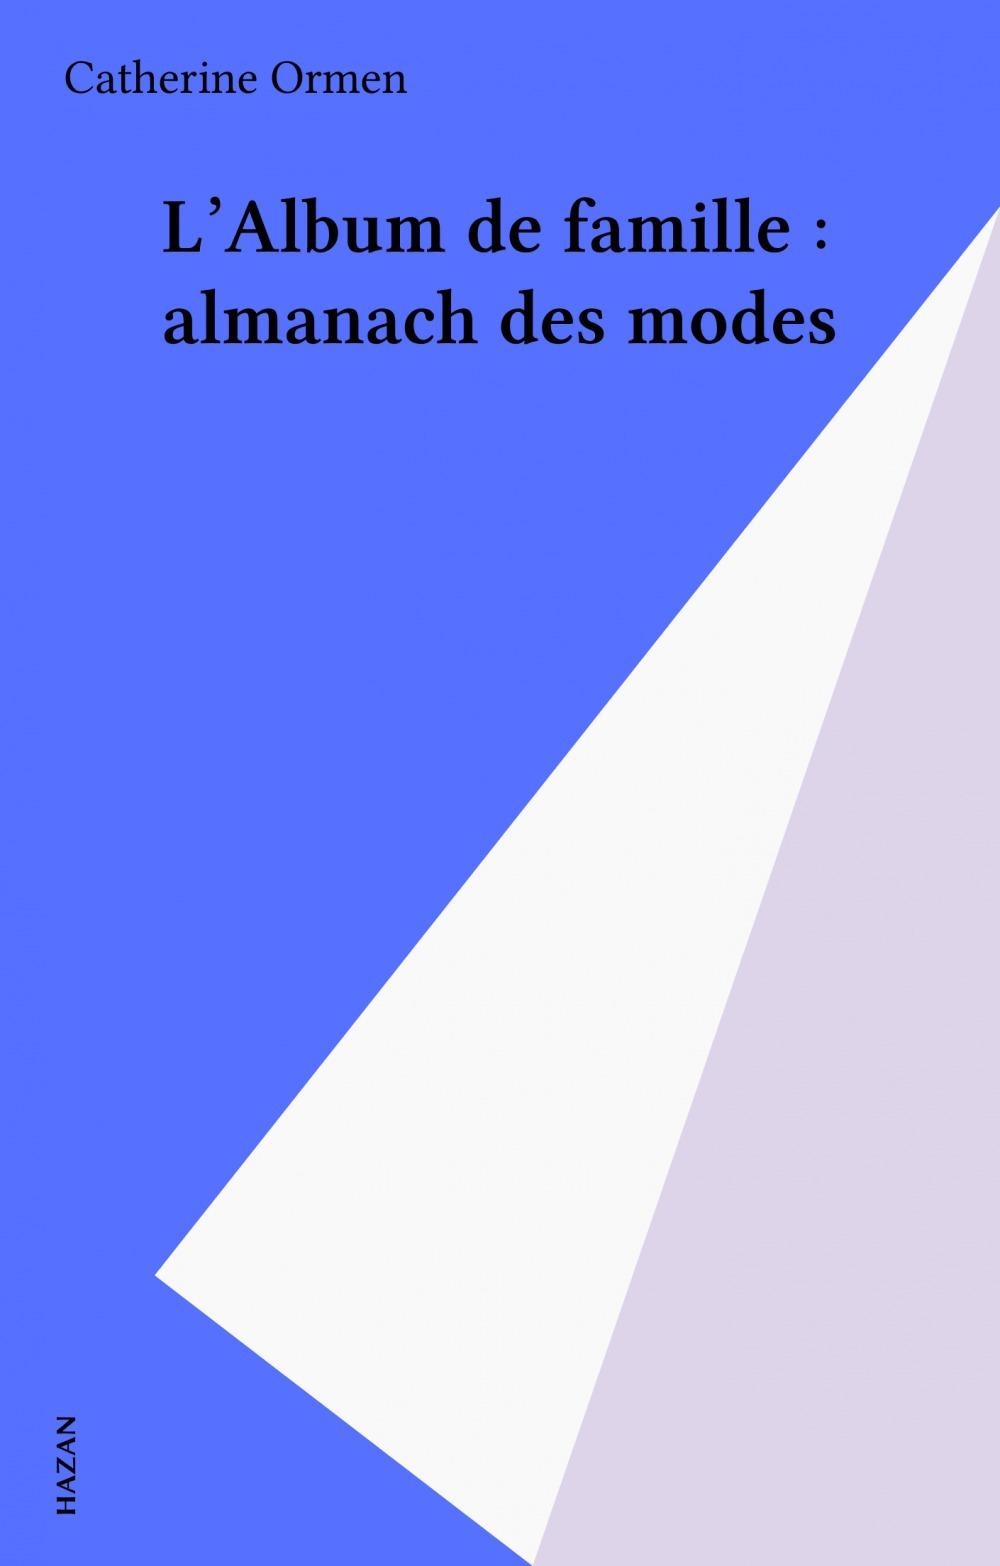 L'Album de famille : almanach des modes